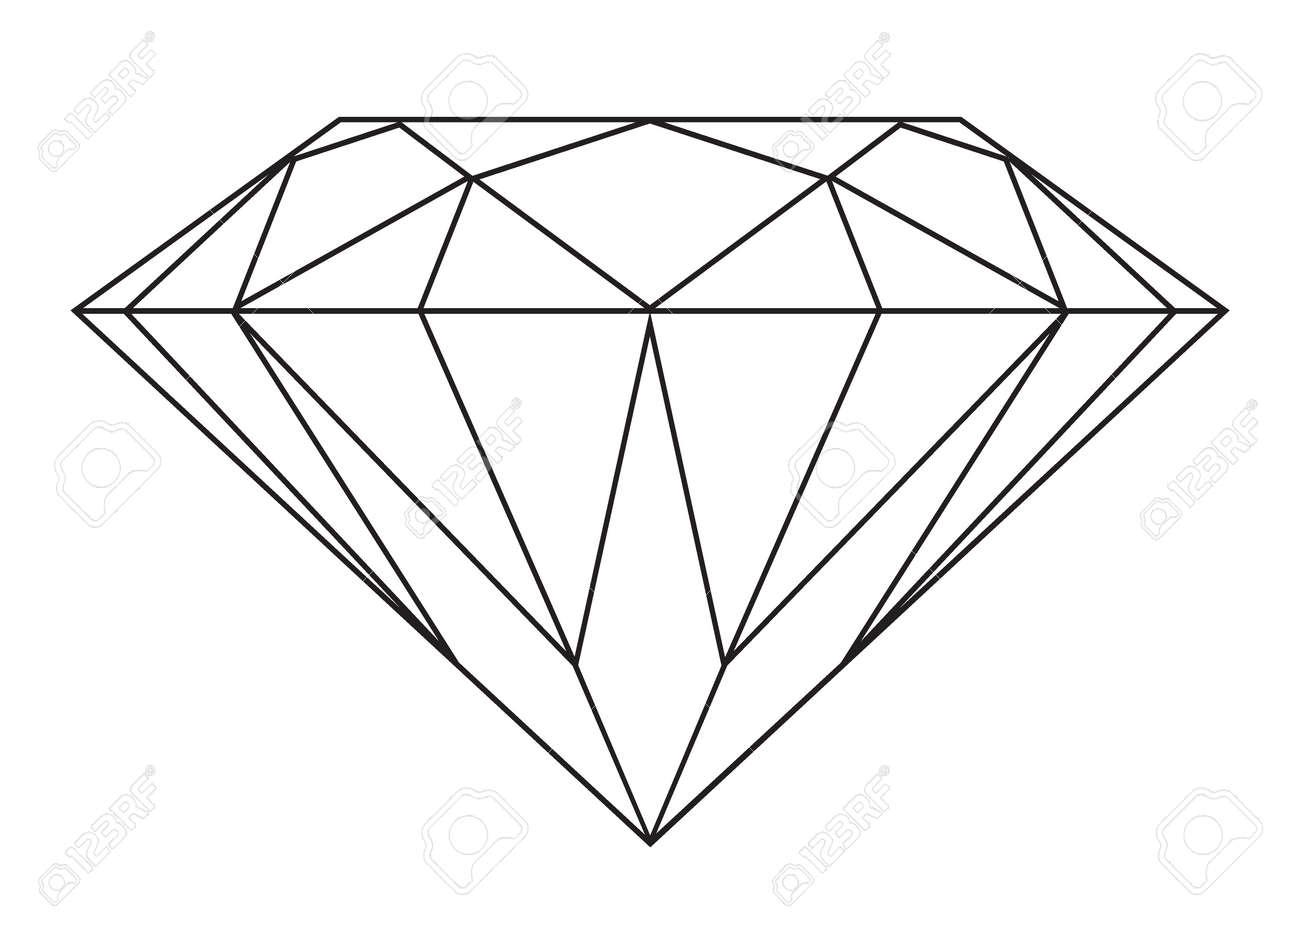 Diamond Drawing Simple black and white diamond